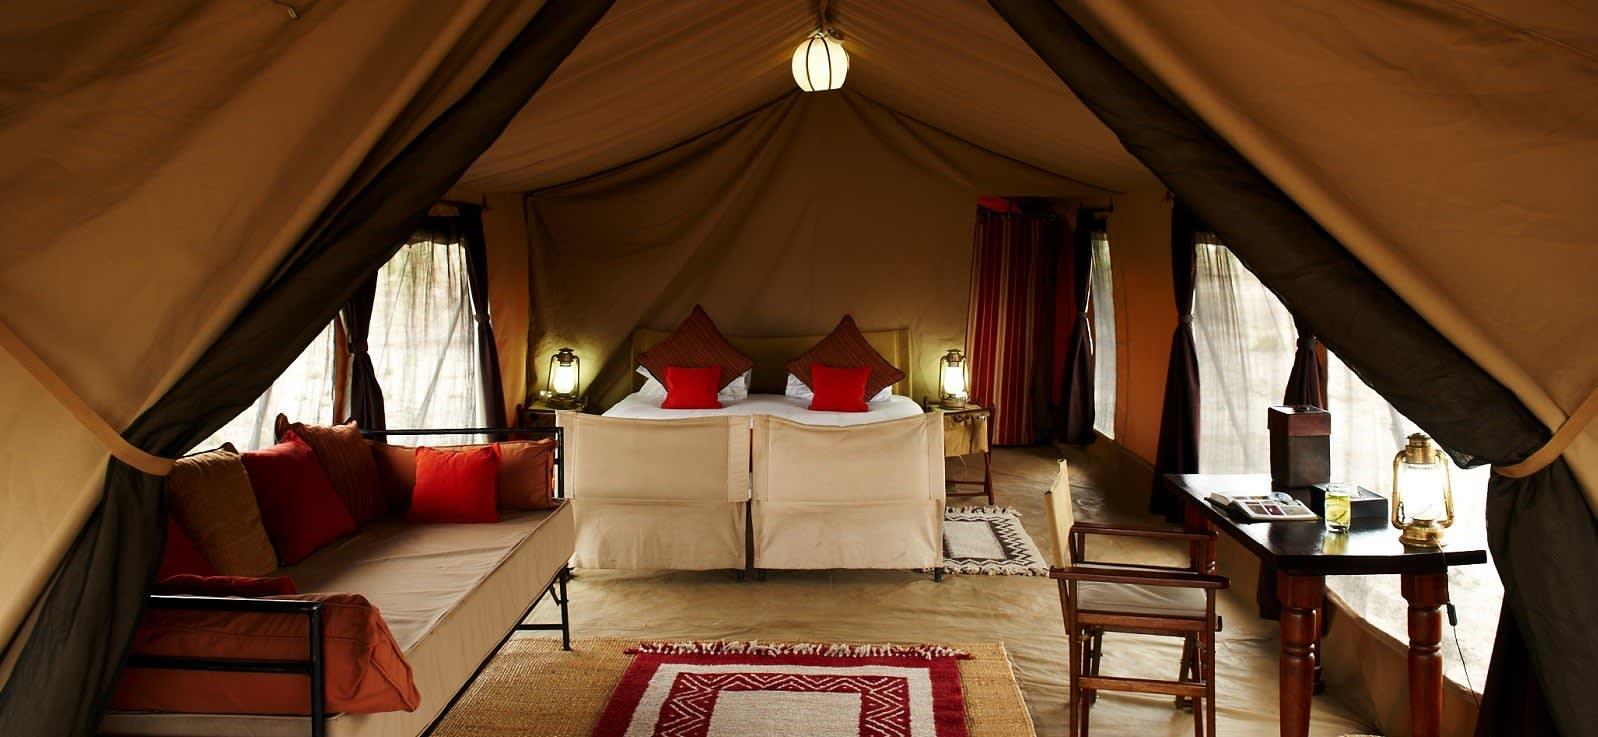 Inneneinrichtung eines Safari Zelts